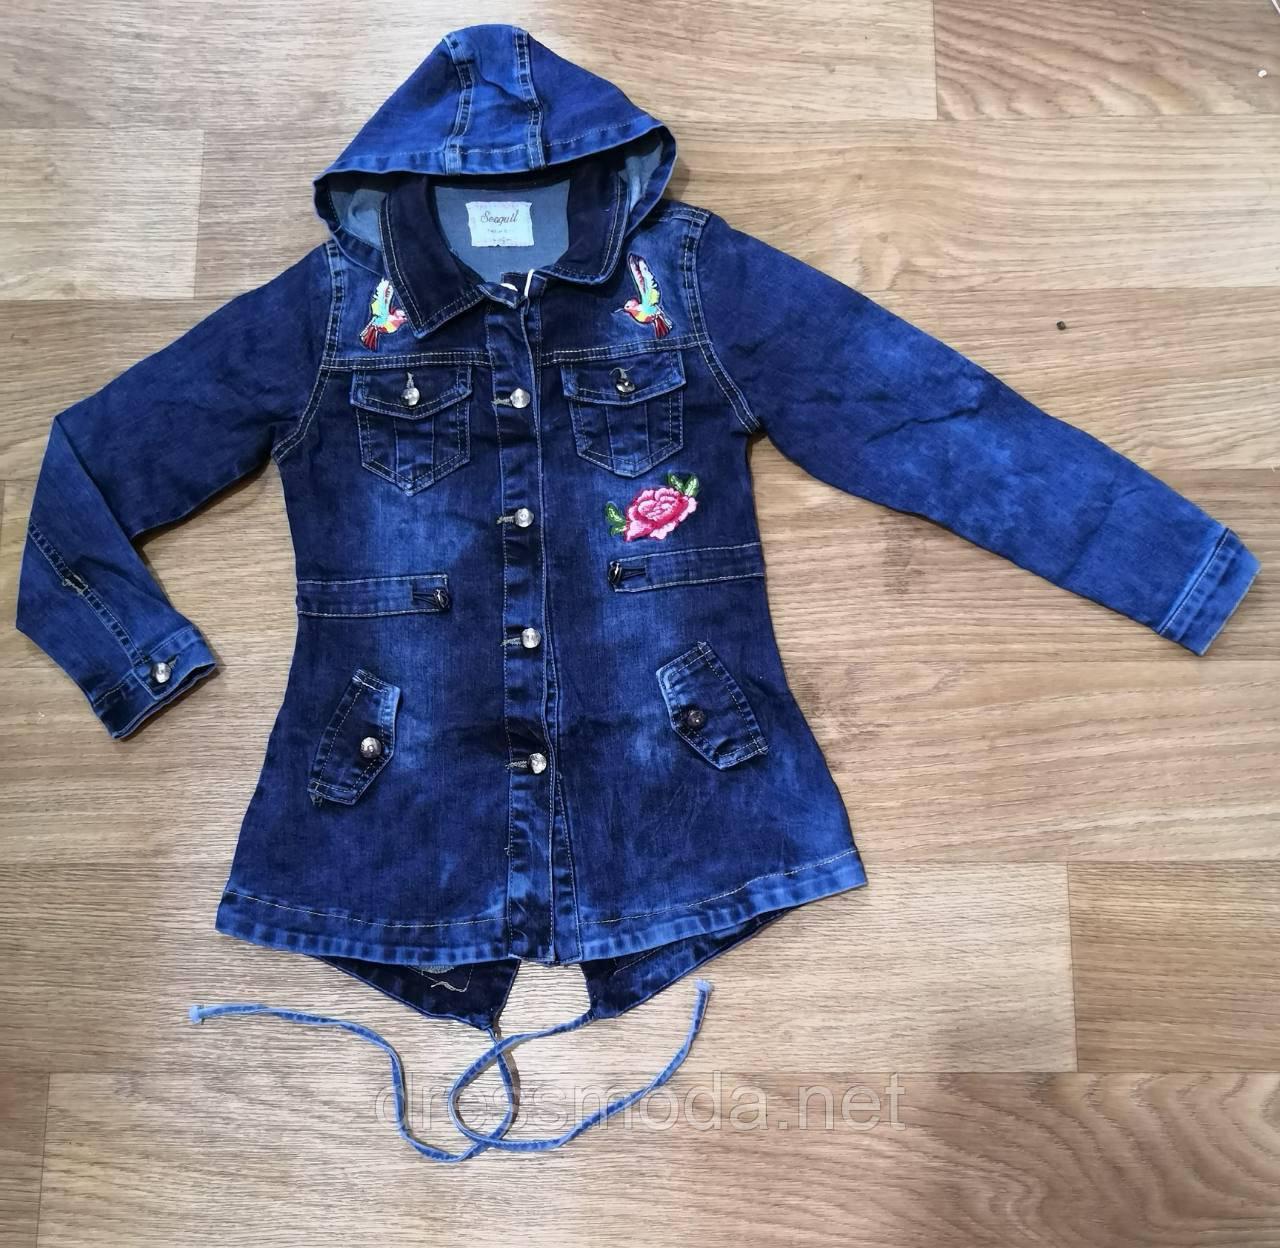 5b4a14ef Джинсовые куртки для девочек Seagull 134-164 р.р.: продажа, цена в ...